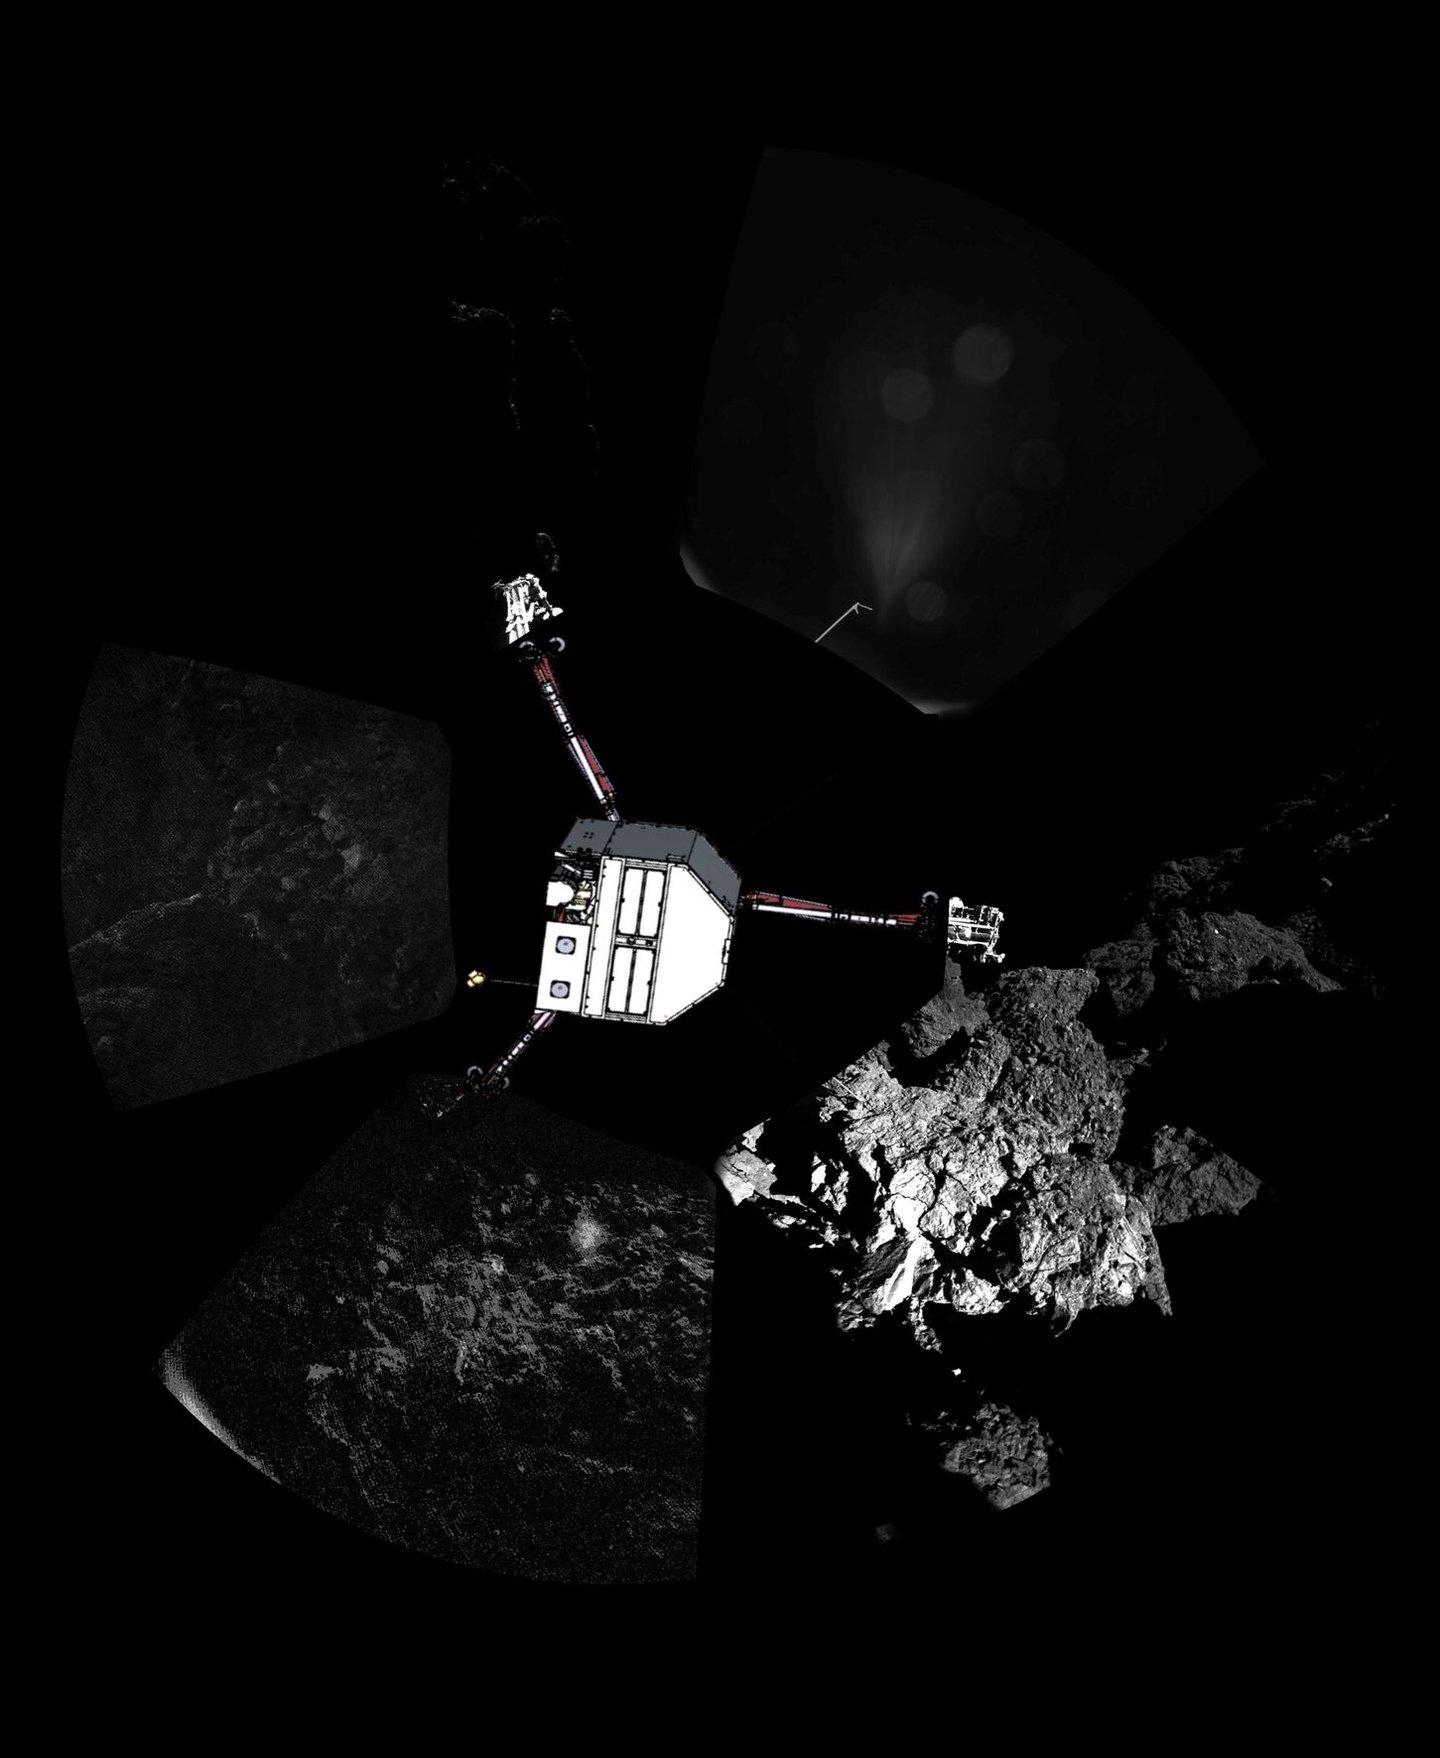 Comet_panoramic_lander_orientation_ESA-Rosetta-Philae-CIVA